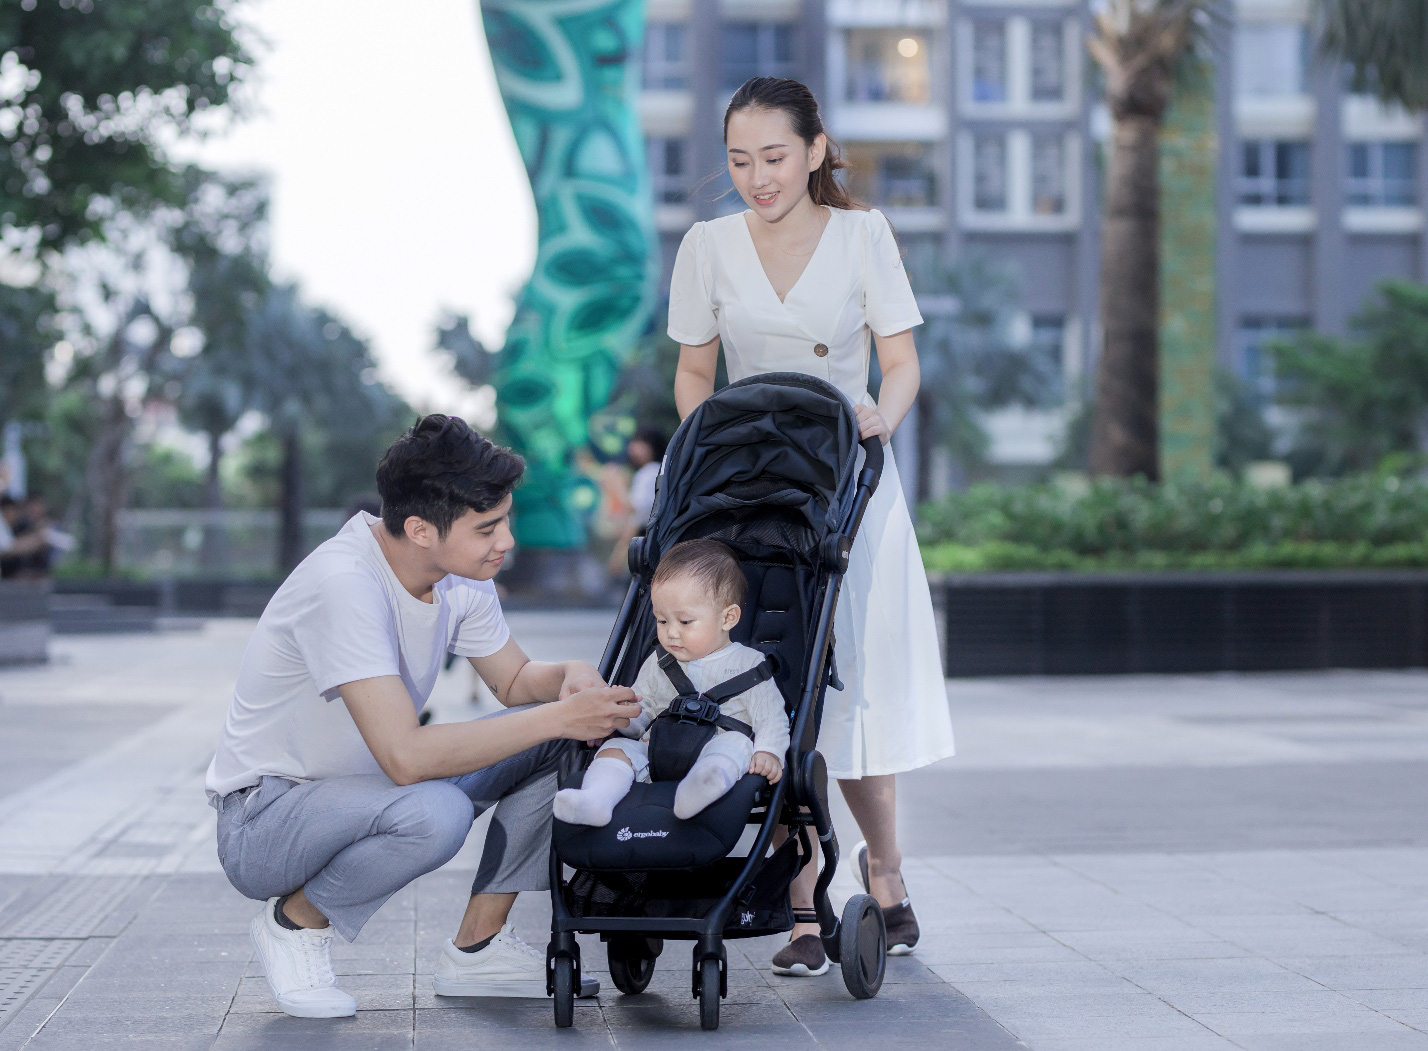 Mách mẹ cách chọn xe đẩy nhập khẩu từ mỹ thoải mái và an toàn cho con yêu - Ảnh 2.